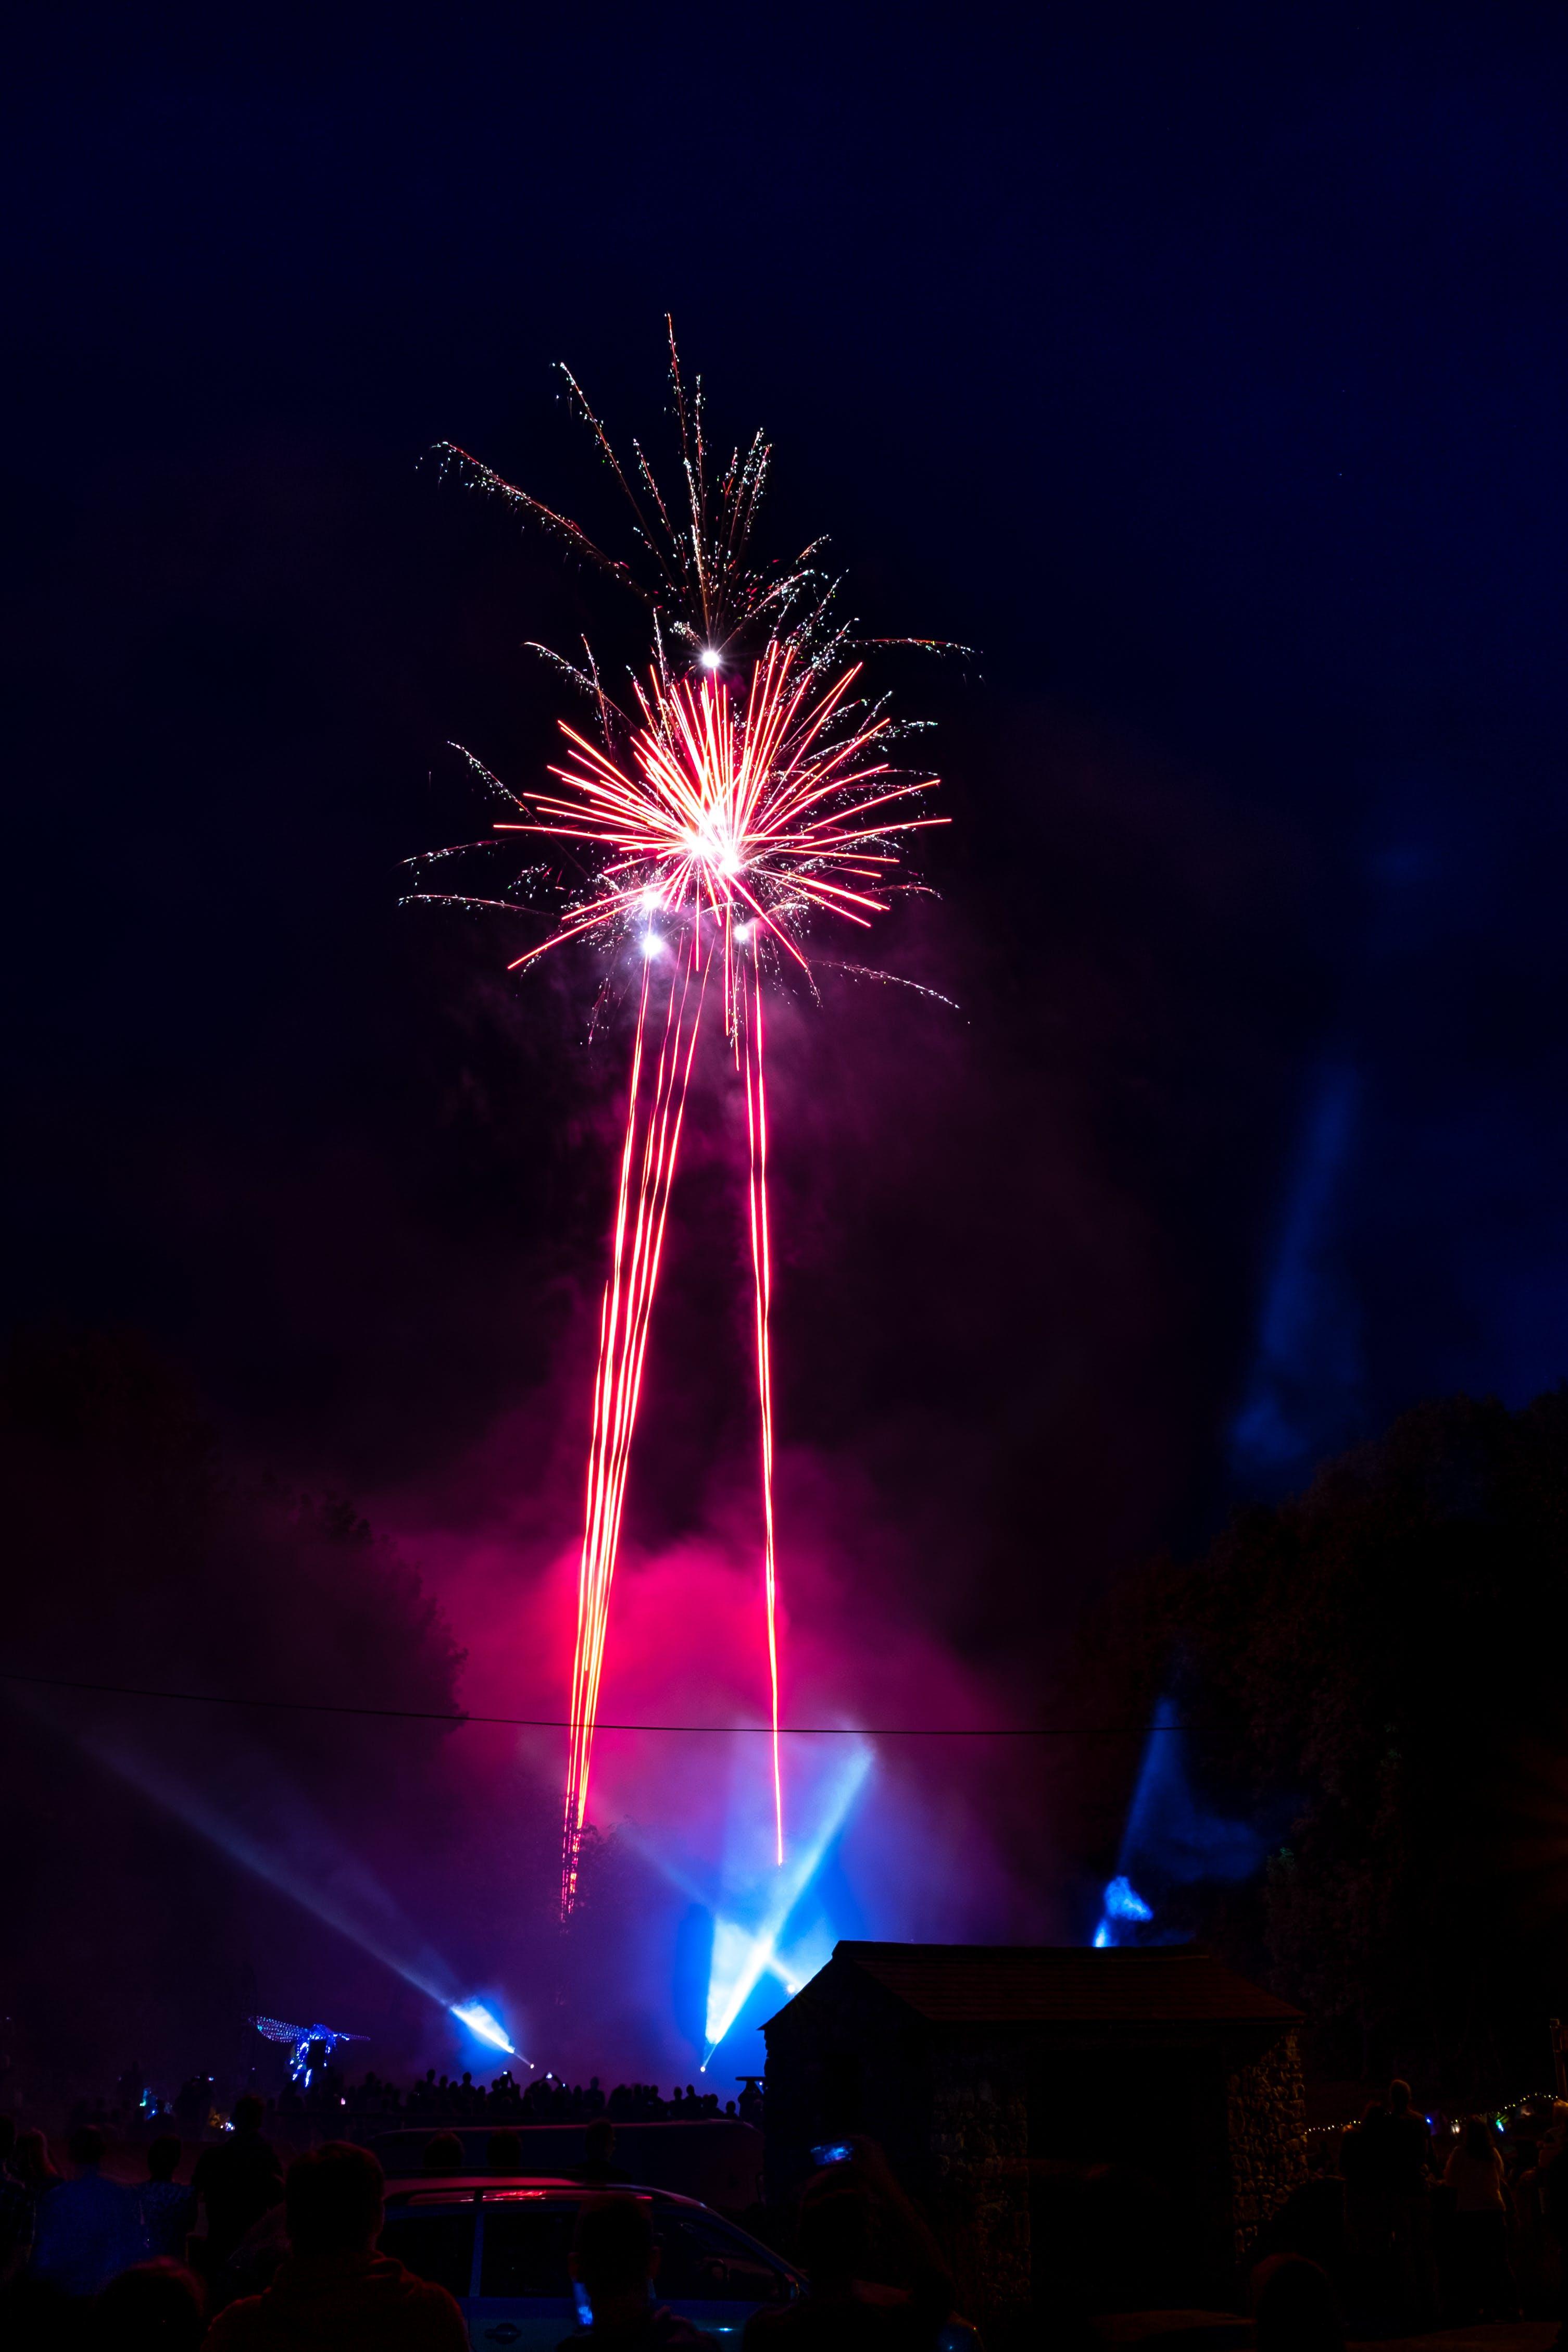 Kostenloses Stock Foto zu explosion, feier, himmel, nacht